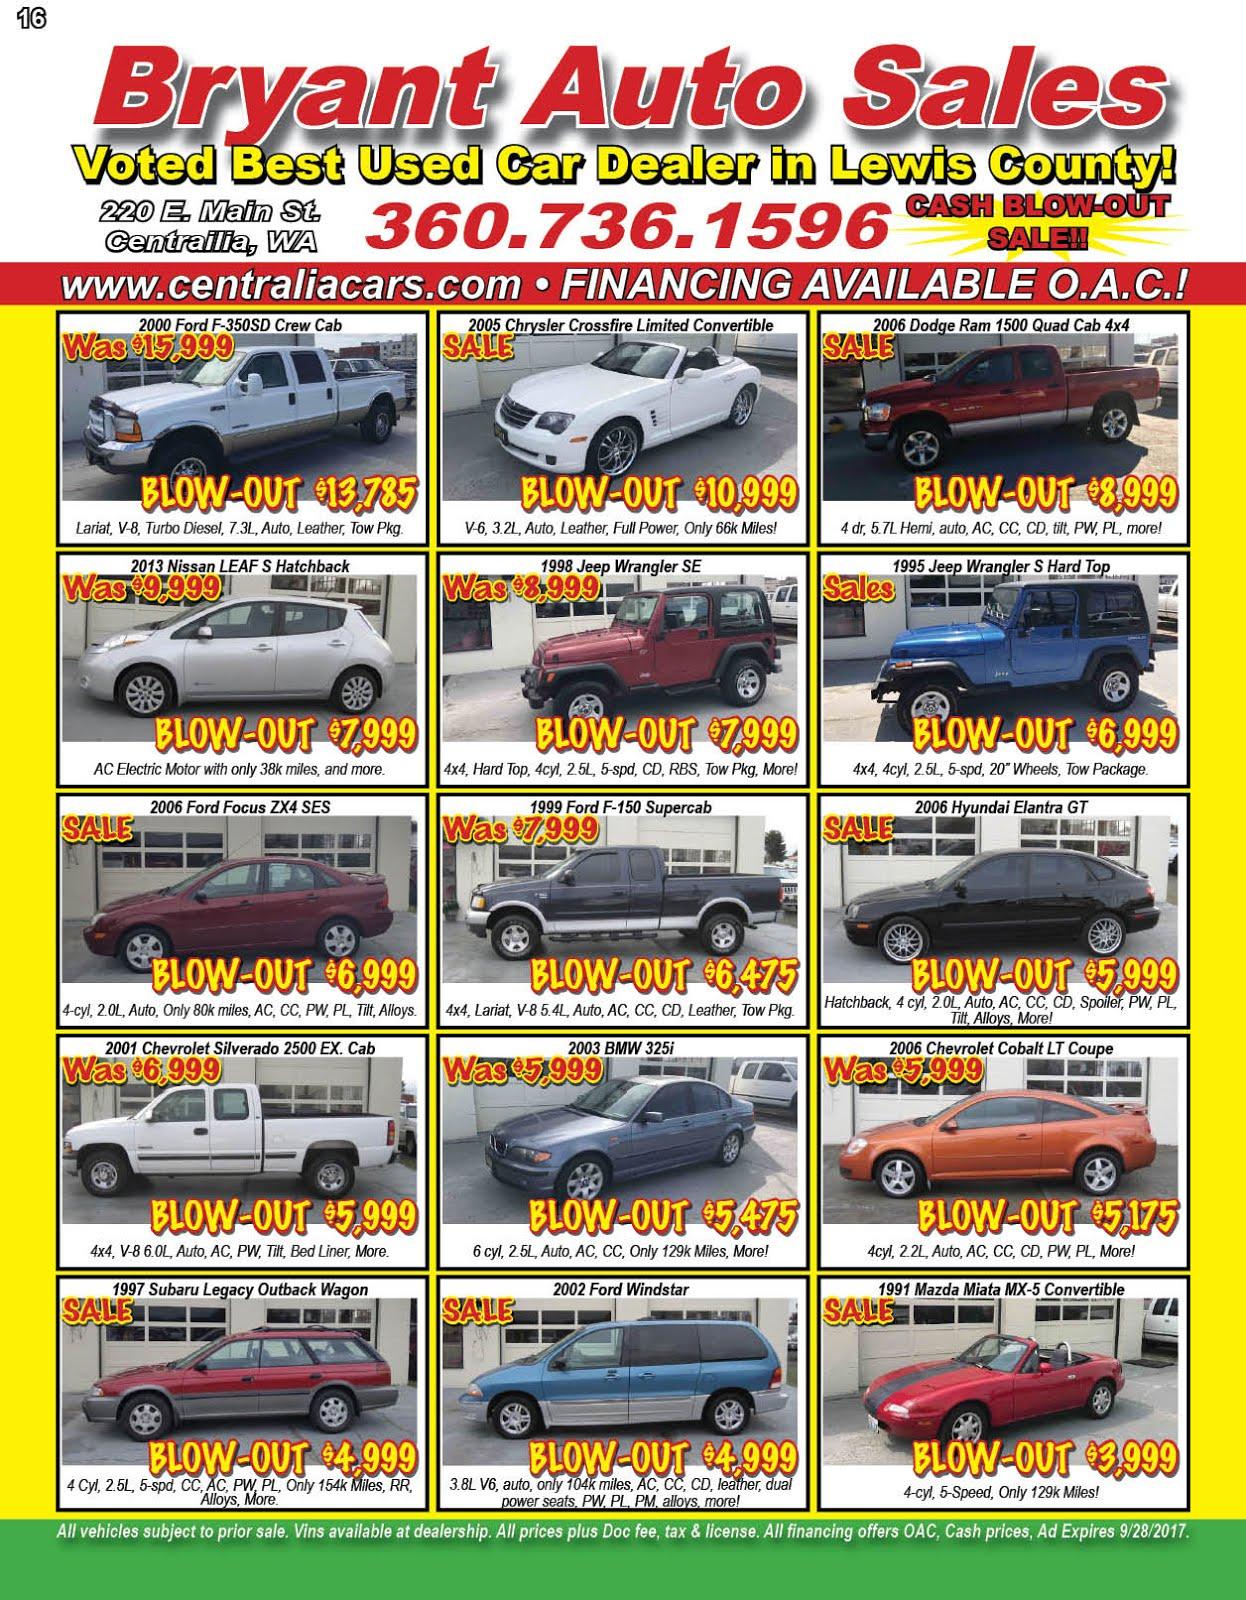 Bryant Auto Sales